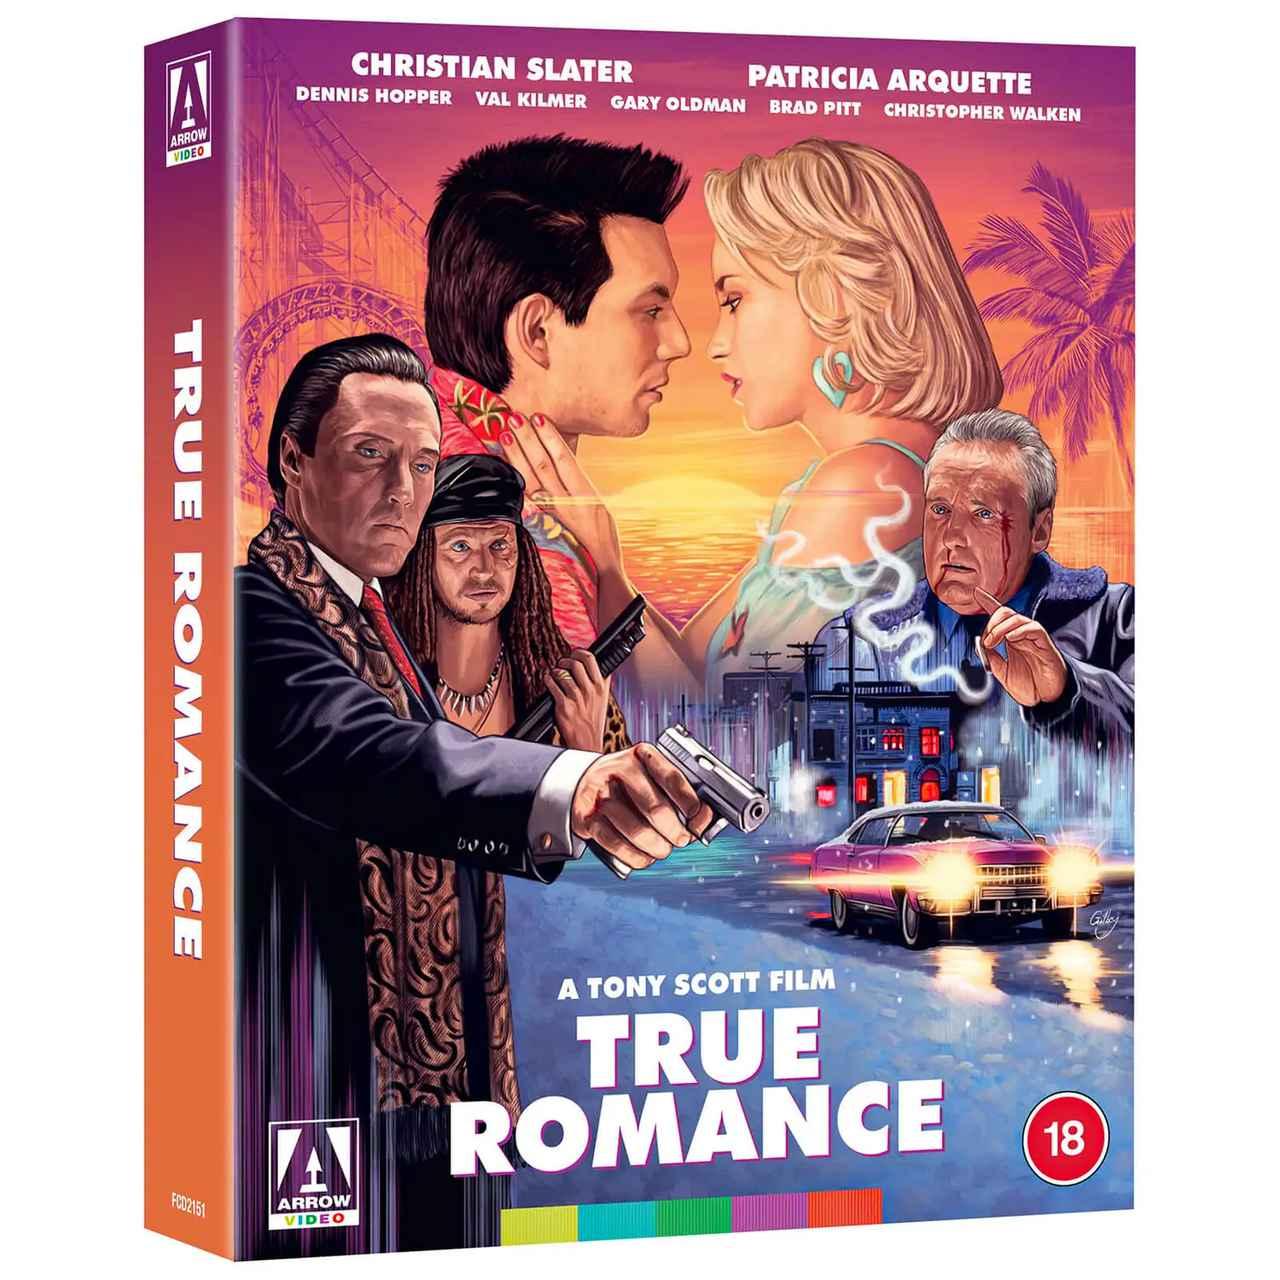 画像2: TRUE ROMANCE - 4K UHD BLU-RAY with DOLBY VISION/4K DIGITAL RESTORATION